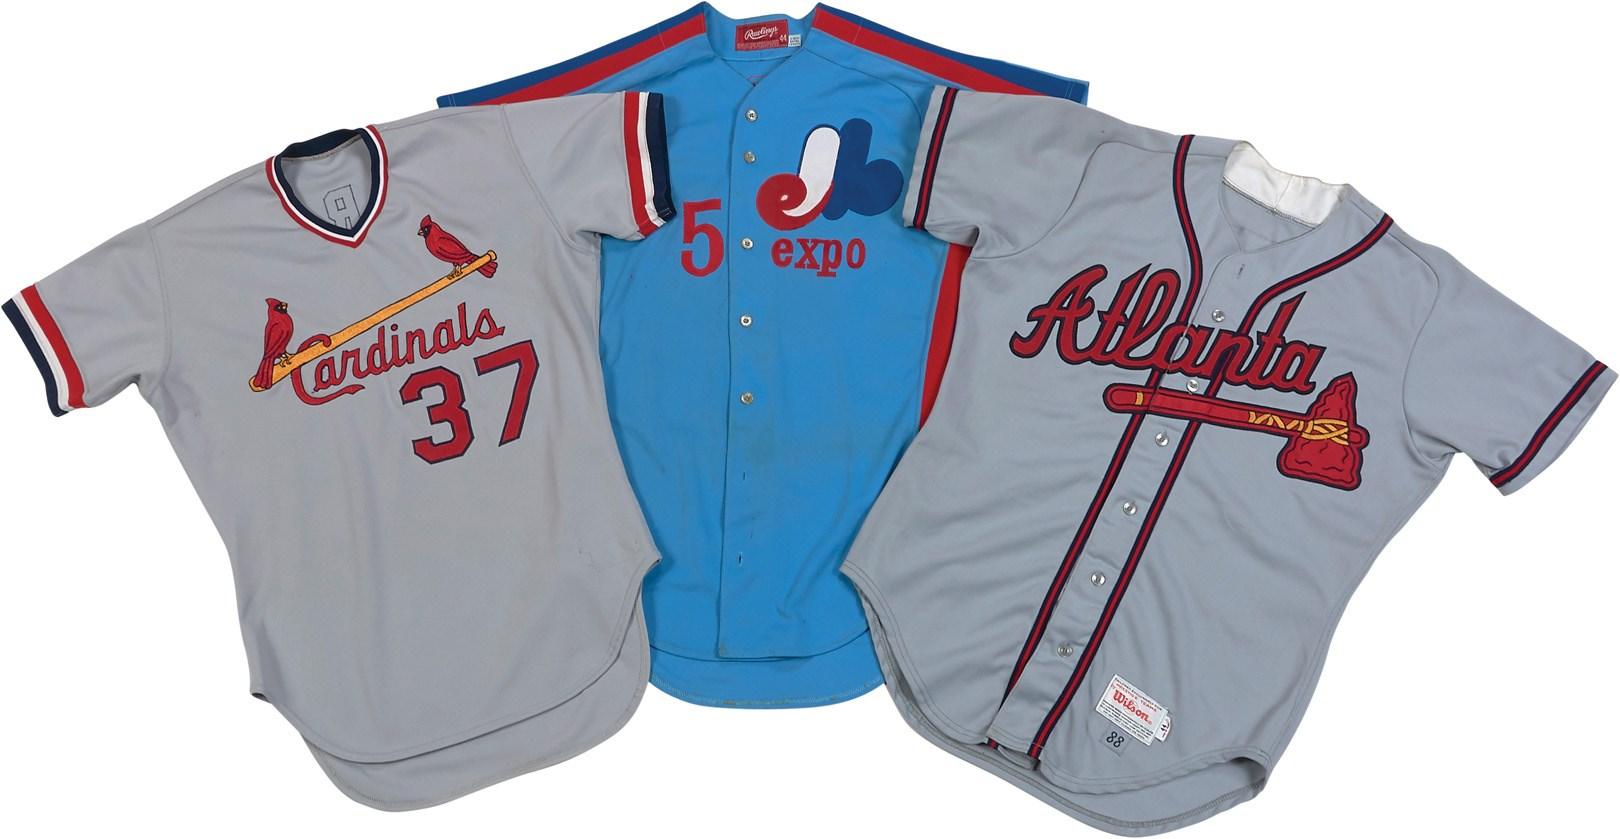 Baseball Equipment - Leland's Classic